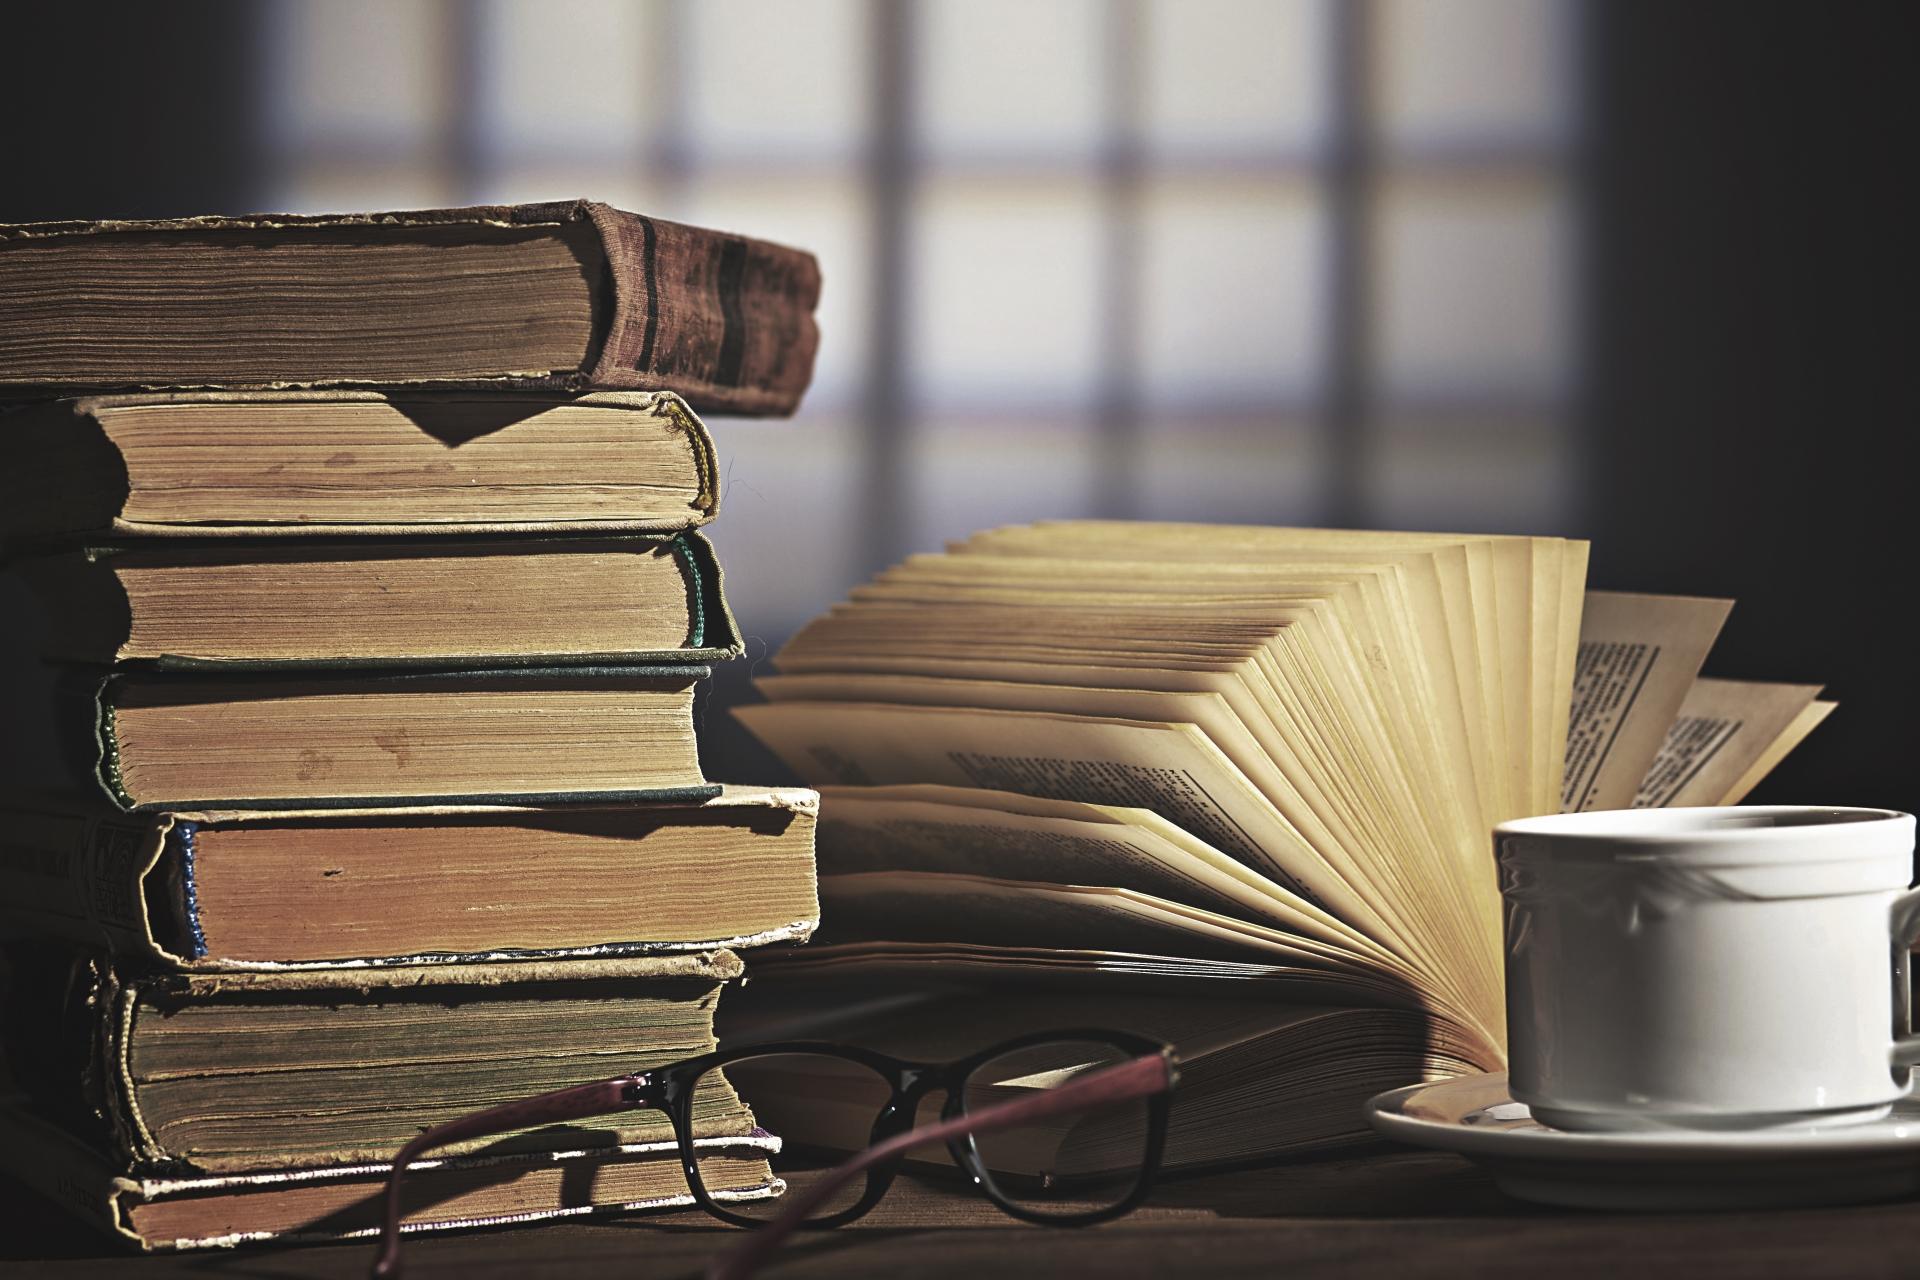 哲学の初心者に読んでほしい、分かりやすい哲学書おすすめ8選をご紹介